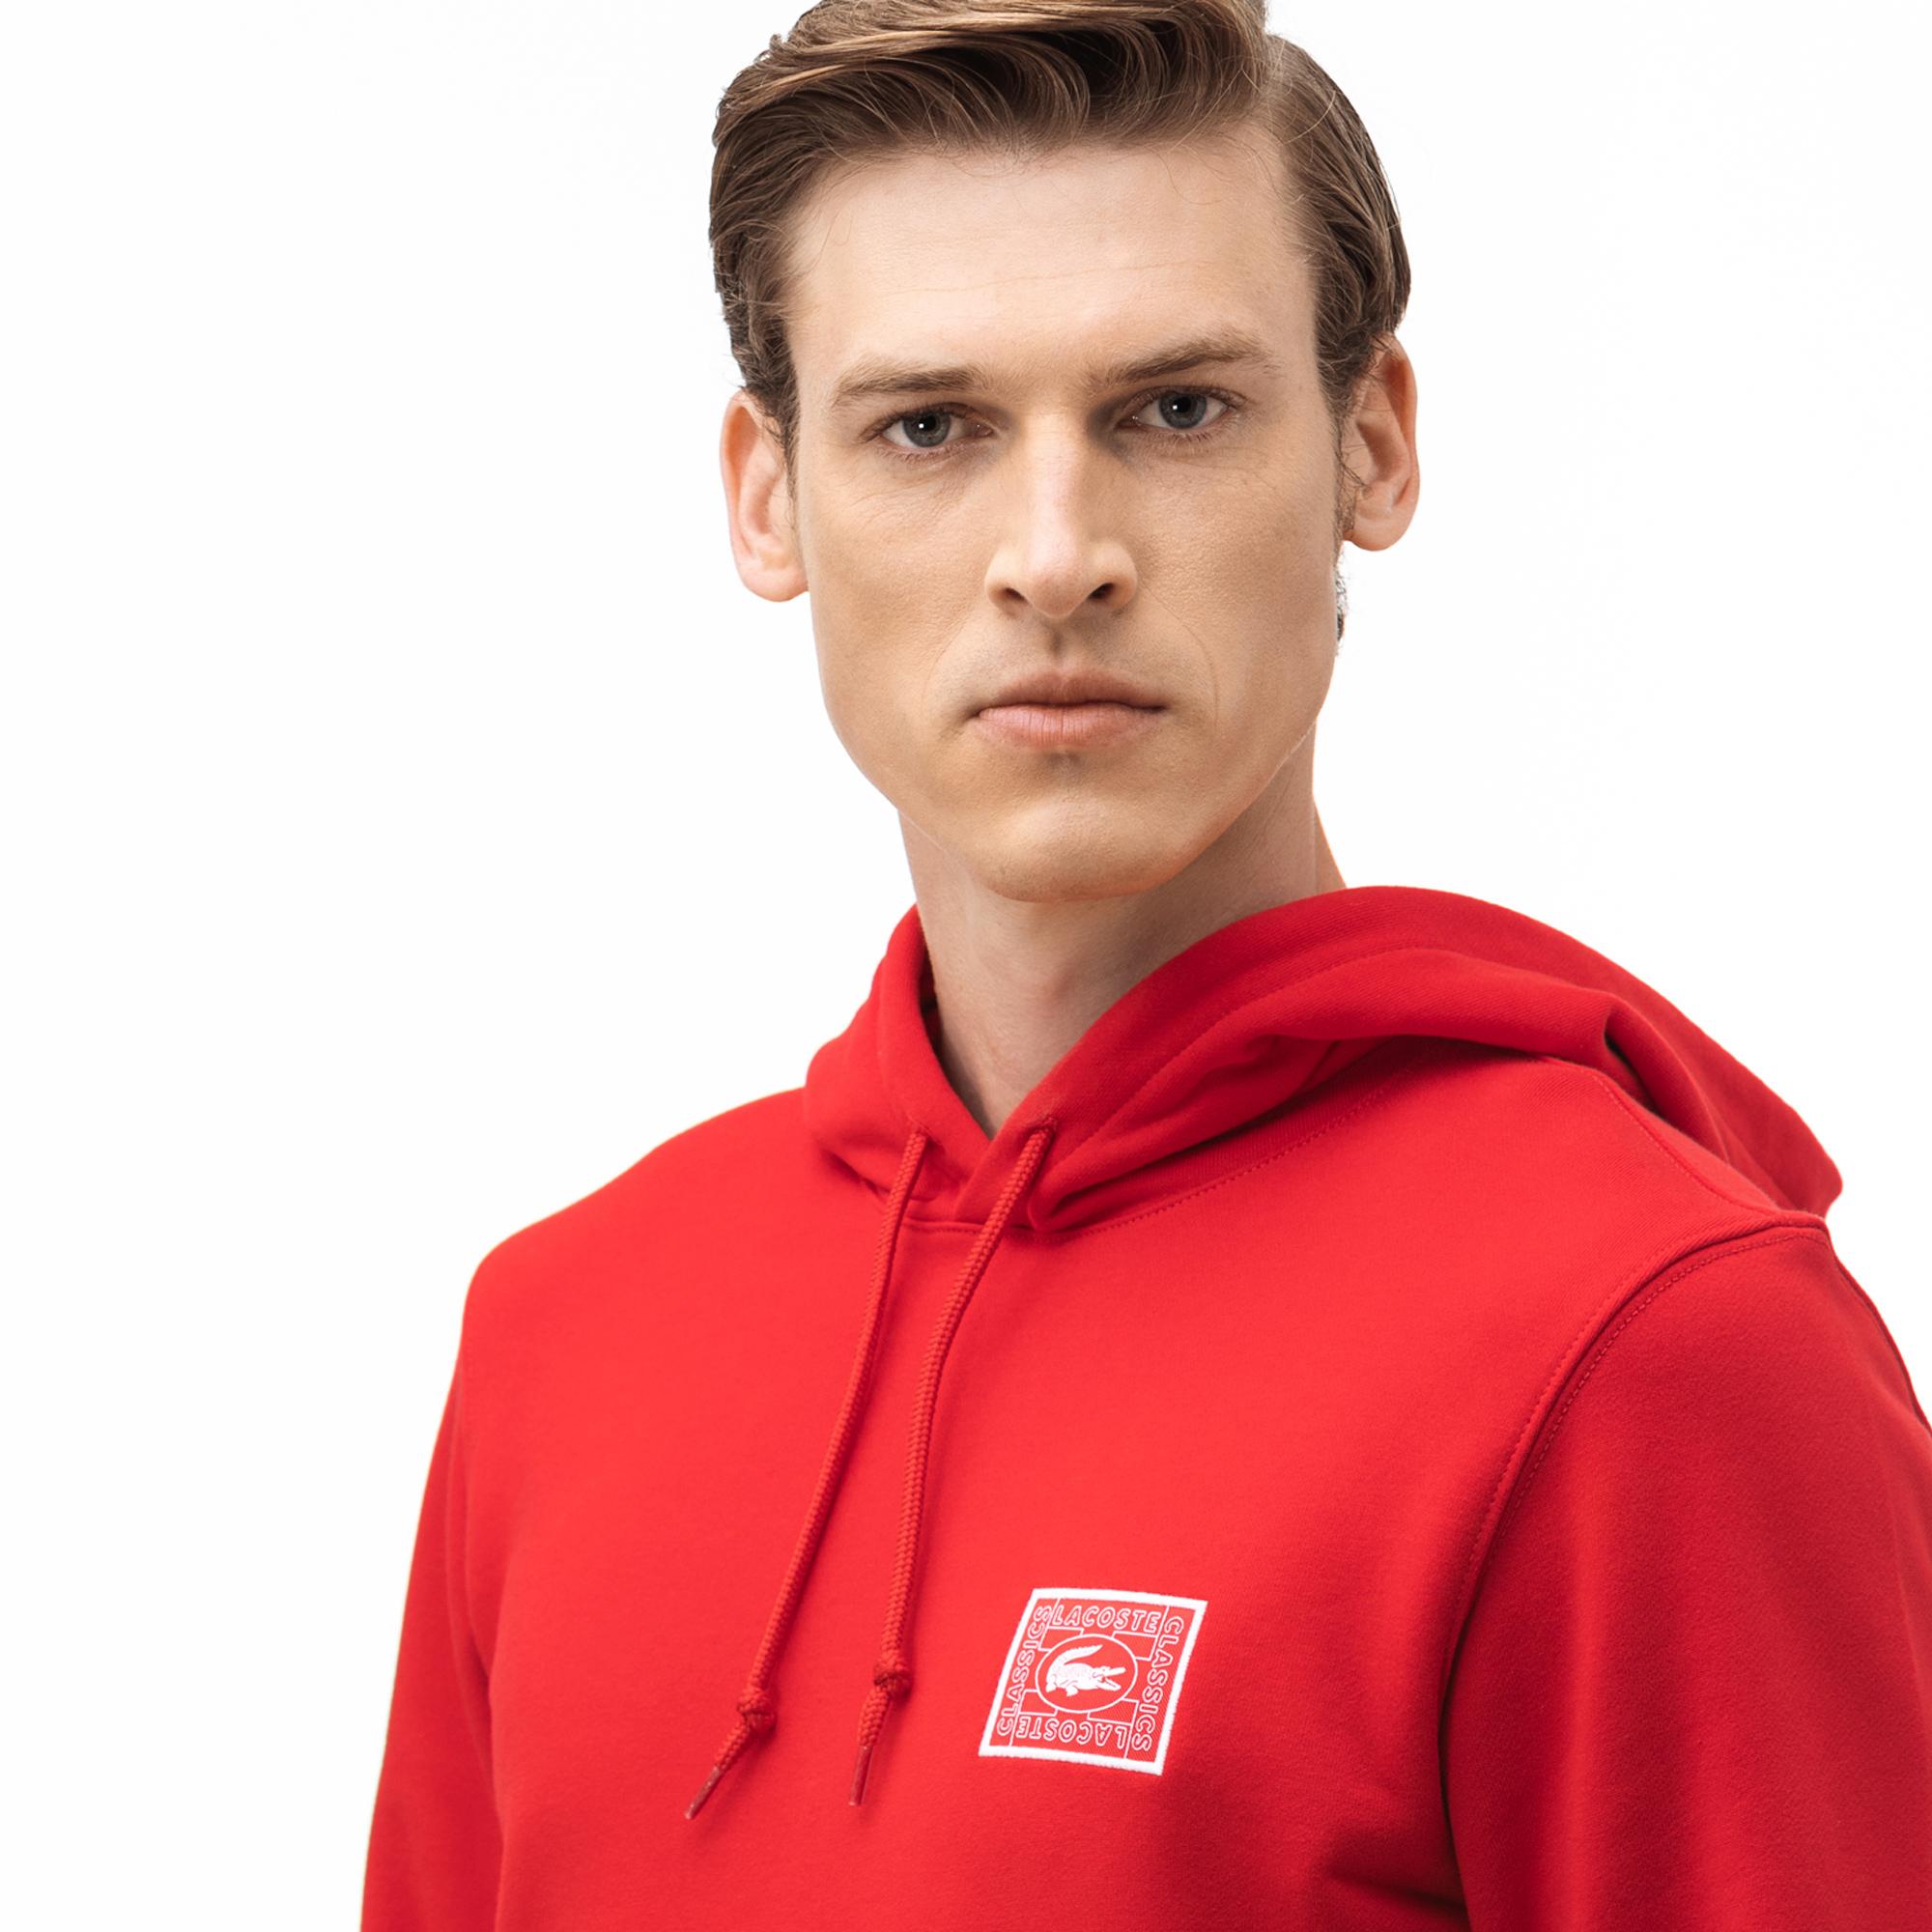 Lacoste Erkek Kapüşonlu Baskılı Kırmızı Sweatshirt